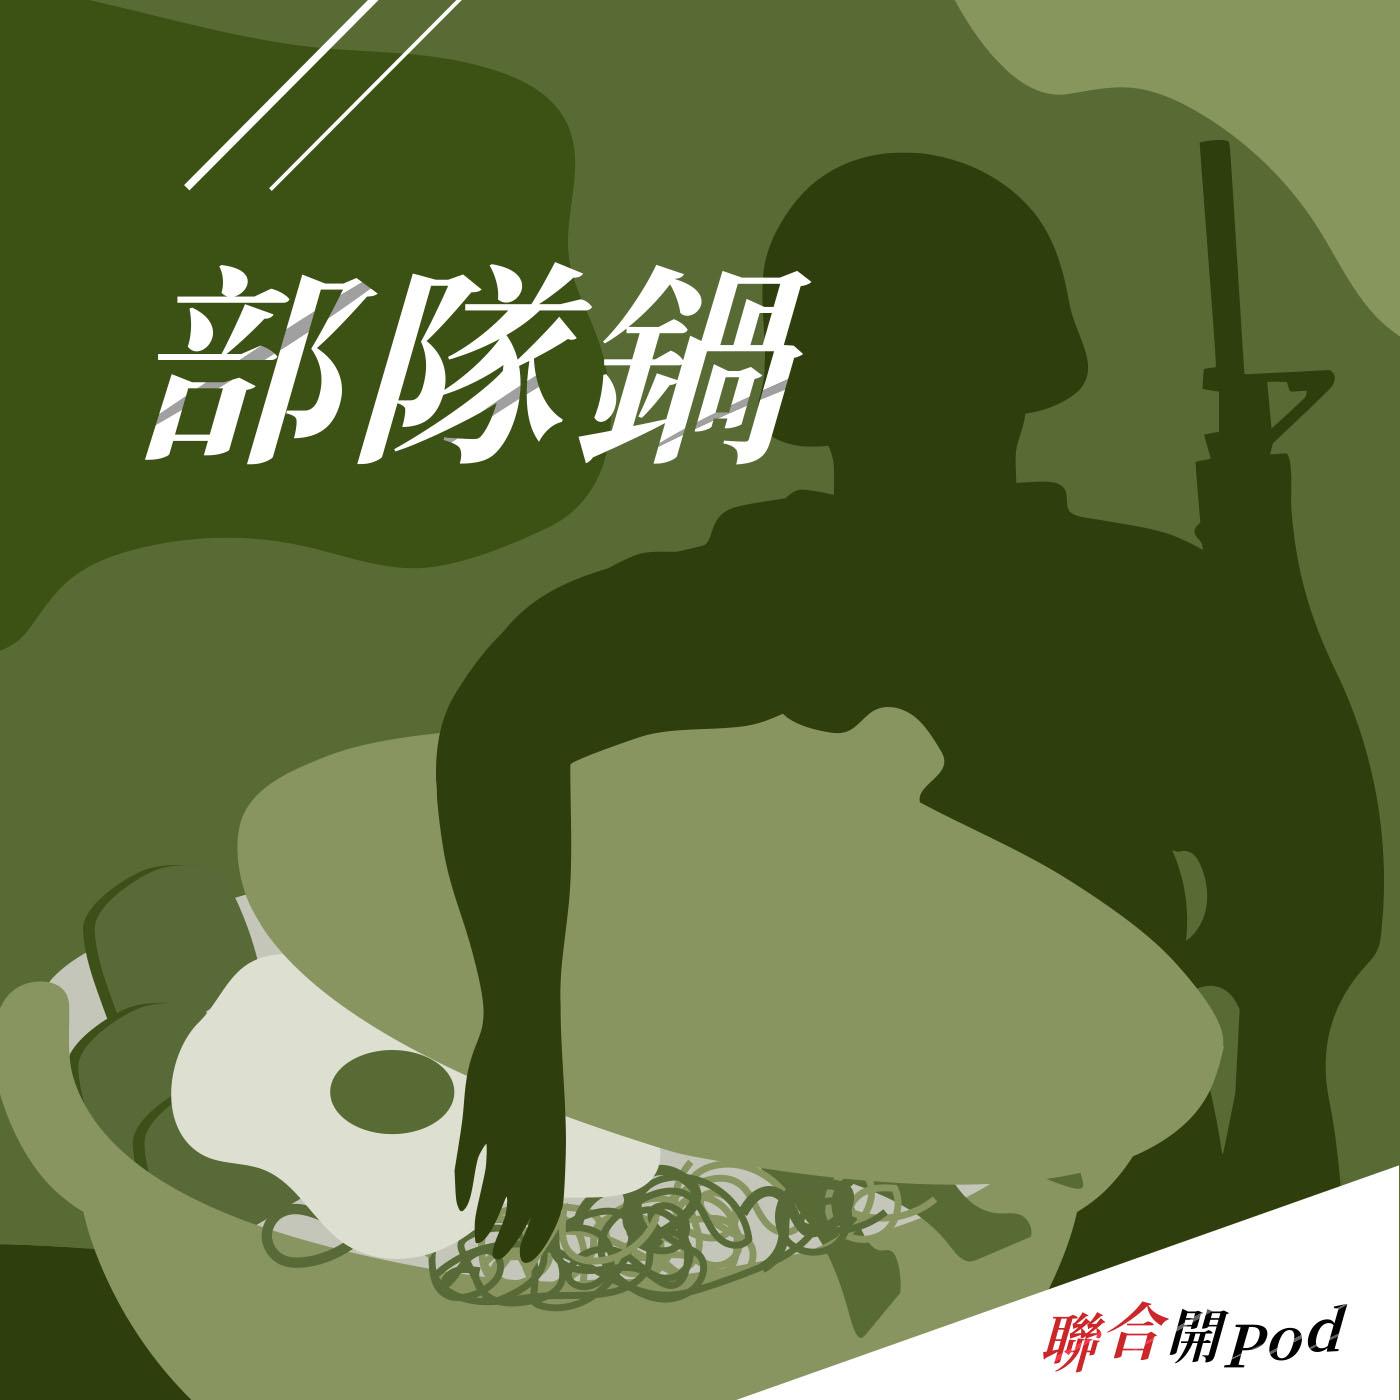 【部隊鍋】EP6 | 陽剛軍人特別怕太太? 背後是與家庭疏離的辛酸! ft.前空軍新聞官王鳴中